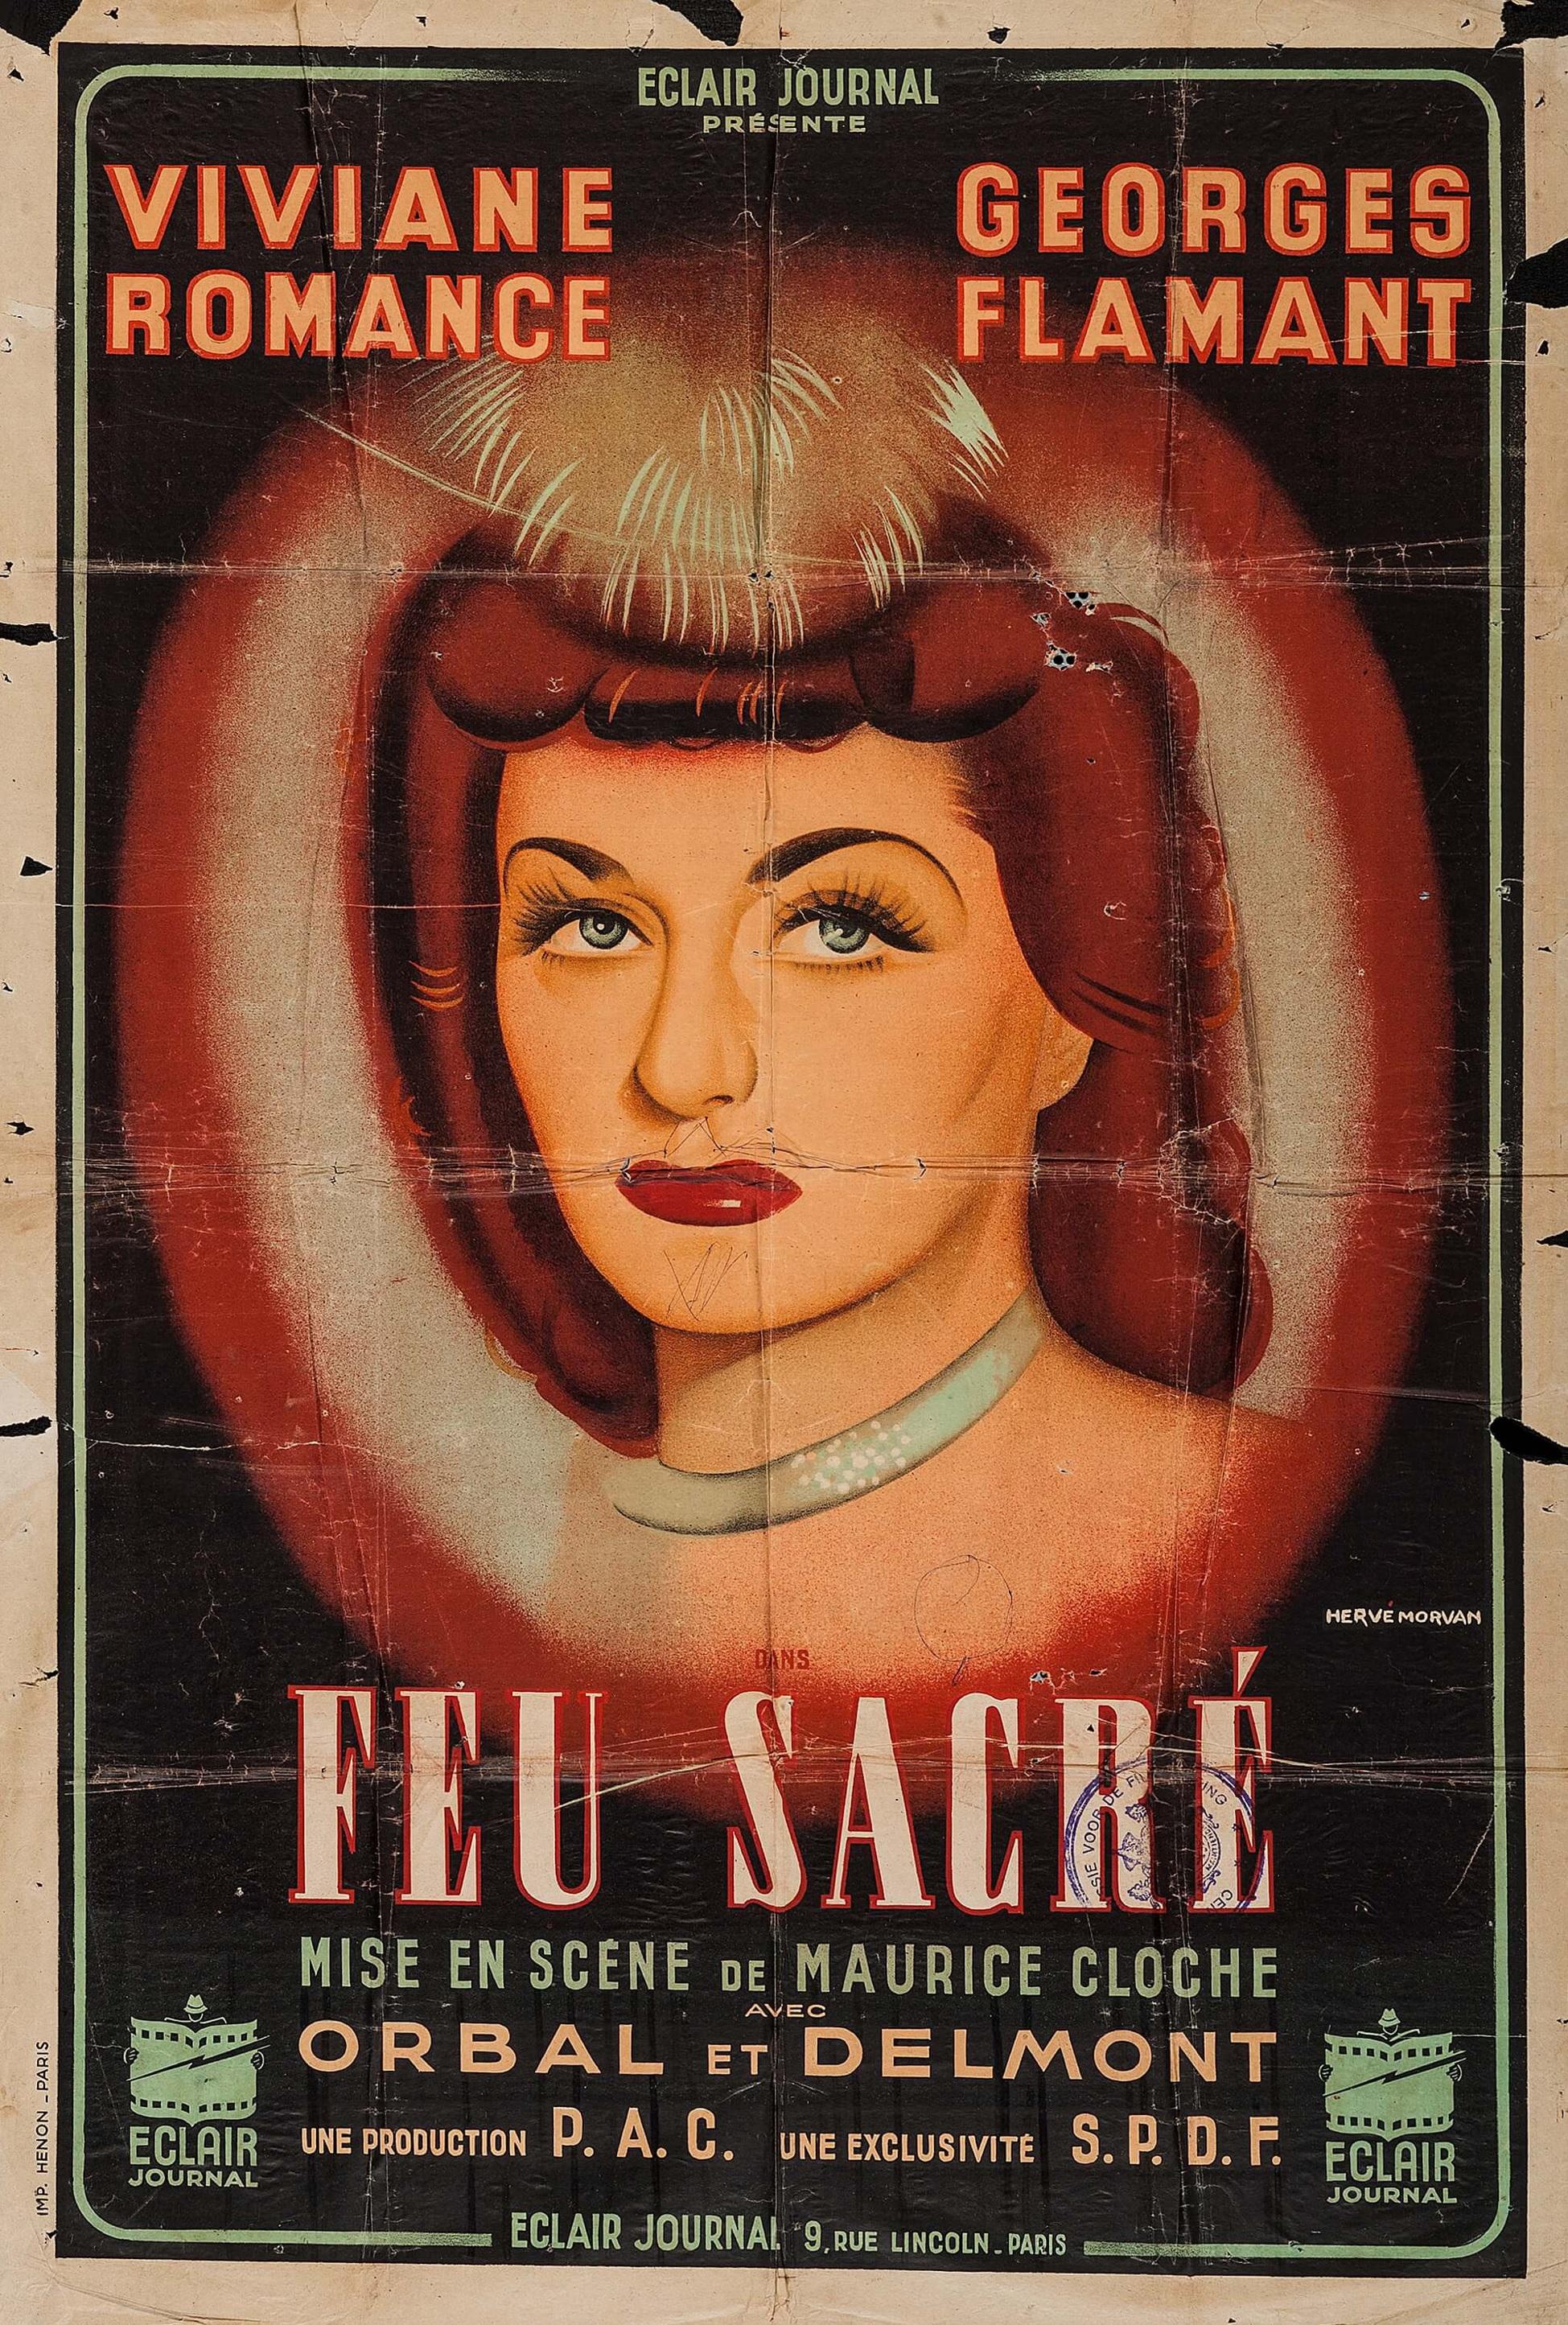 Feu sacré (1942)